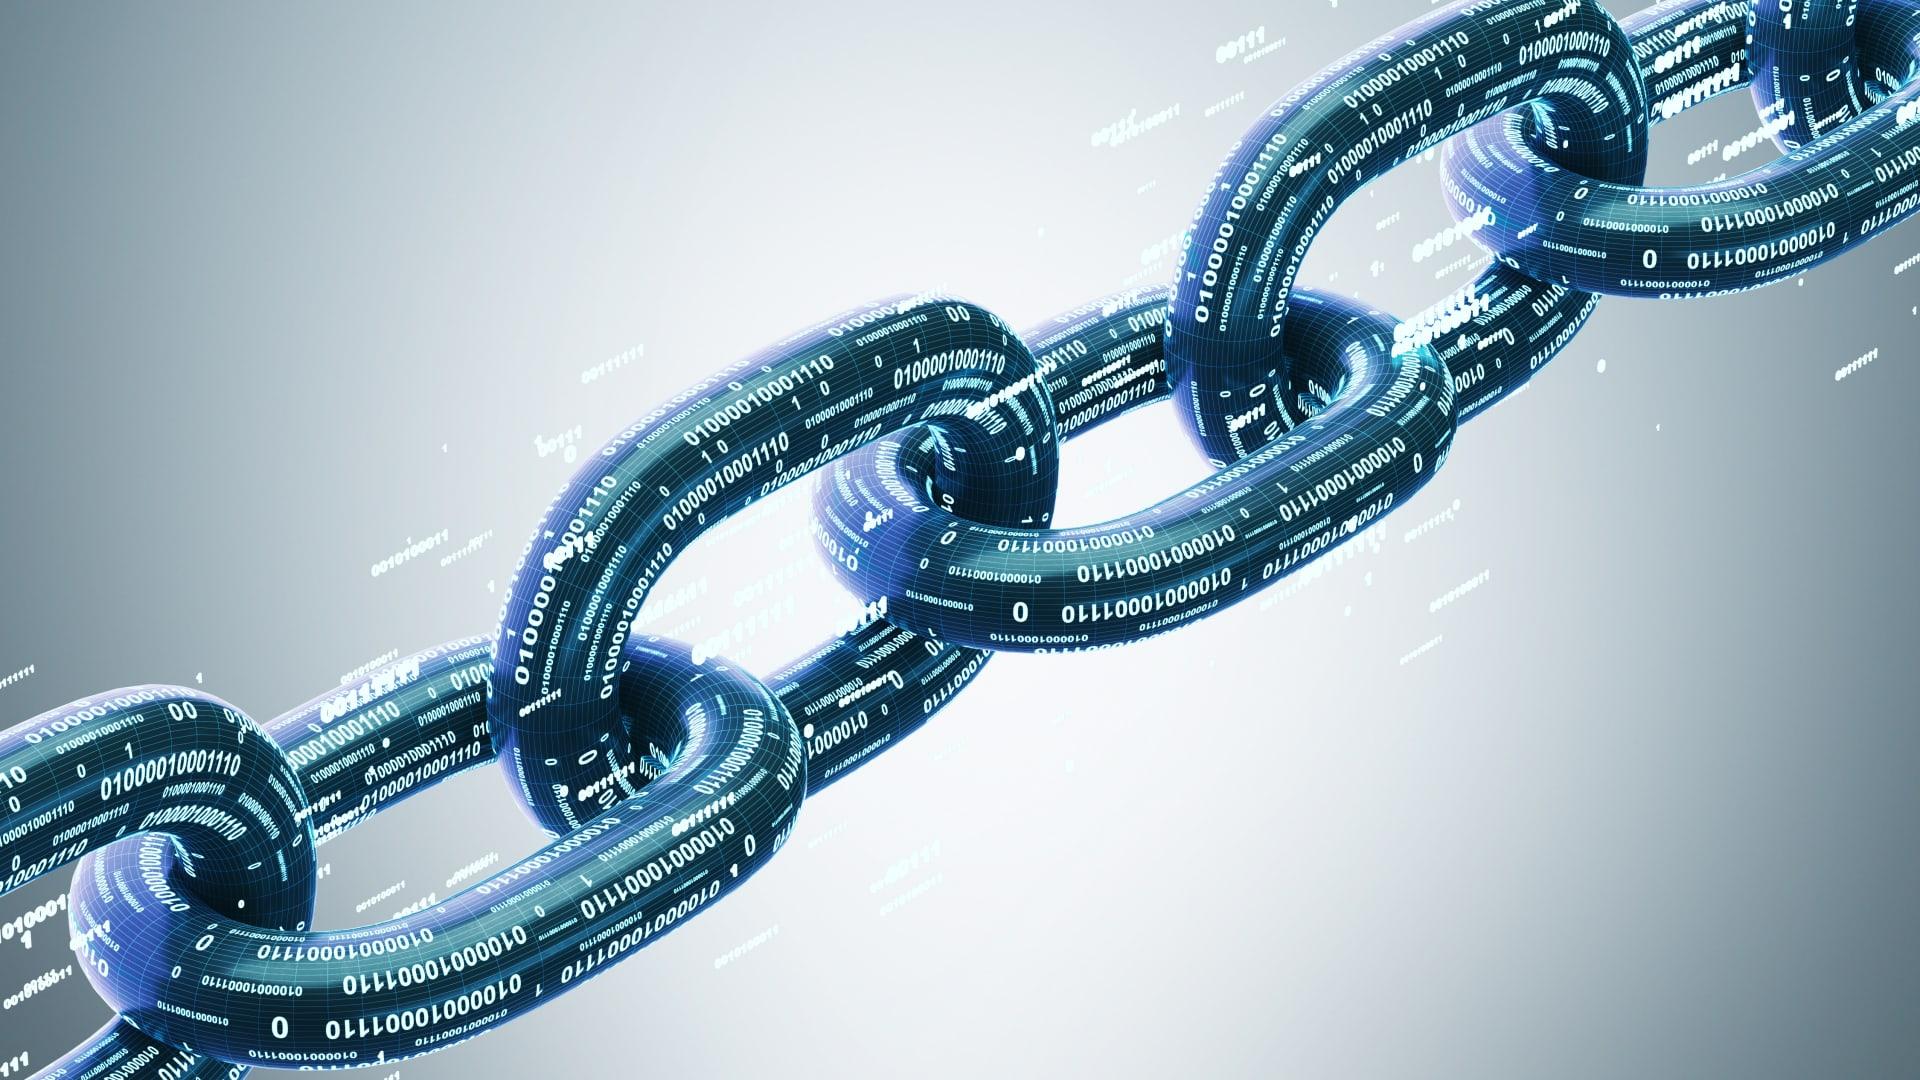 Die Bundesregierung will Blockchain fördern